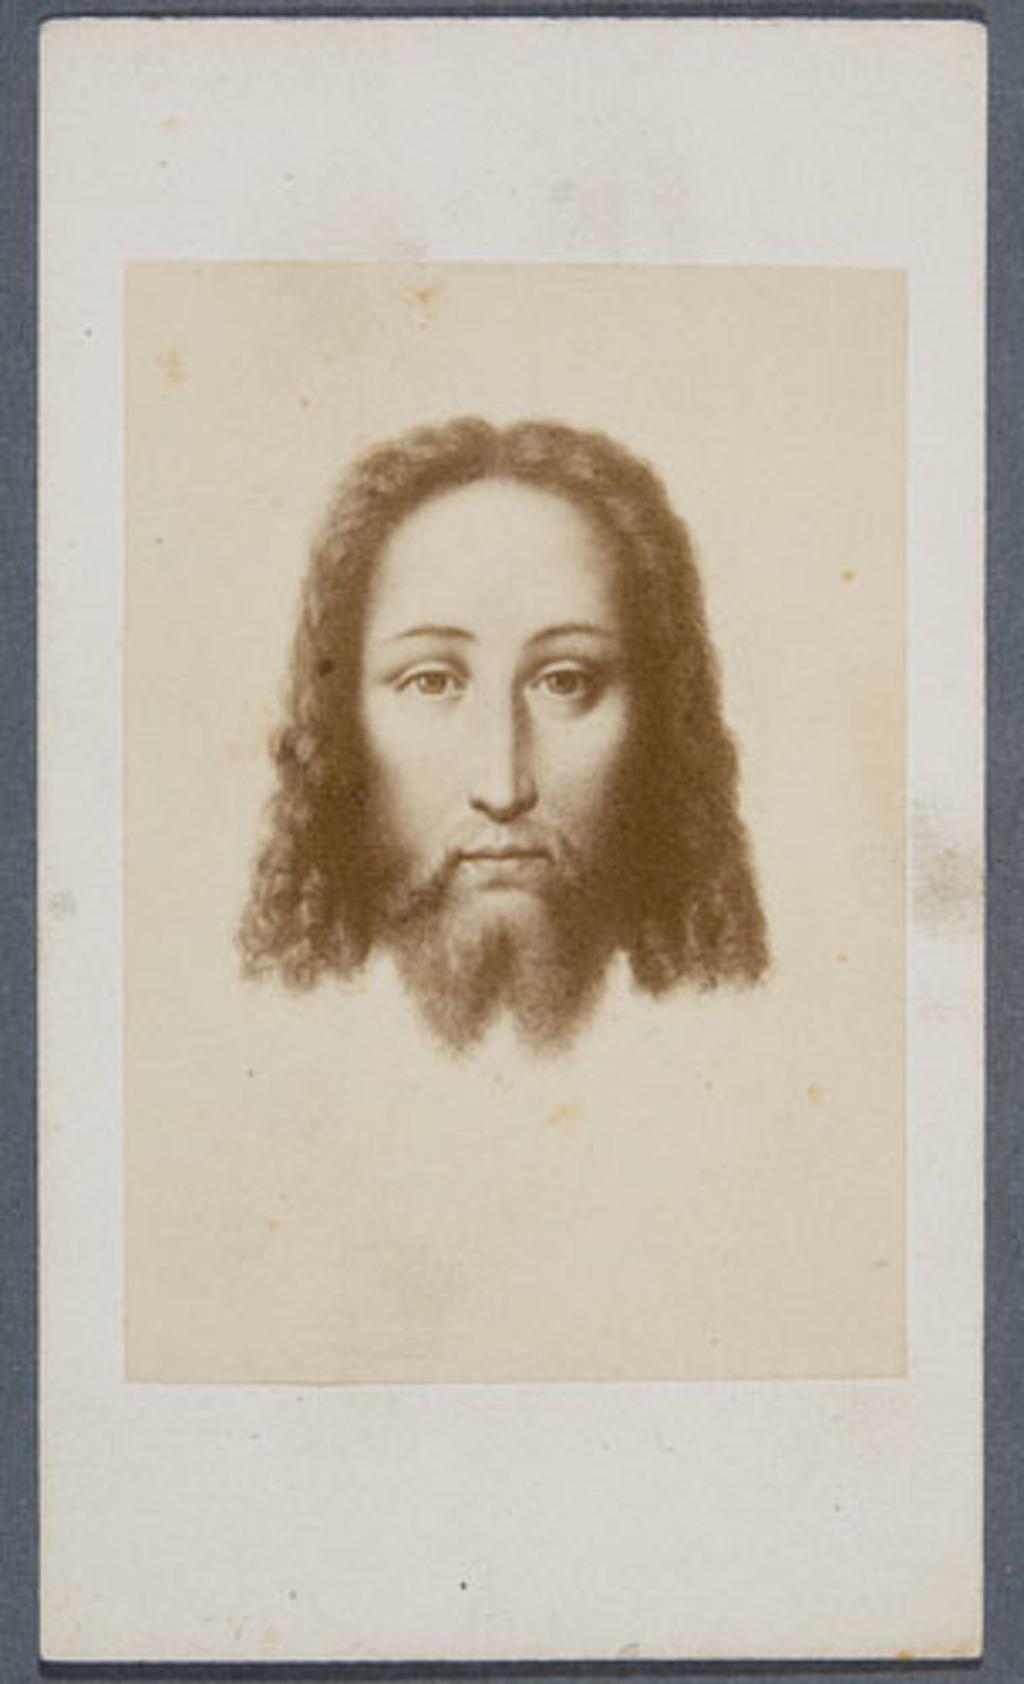 La Sainte Face. Photographie d'une image pieuse, de l'album Eugène-Hamel